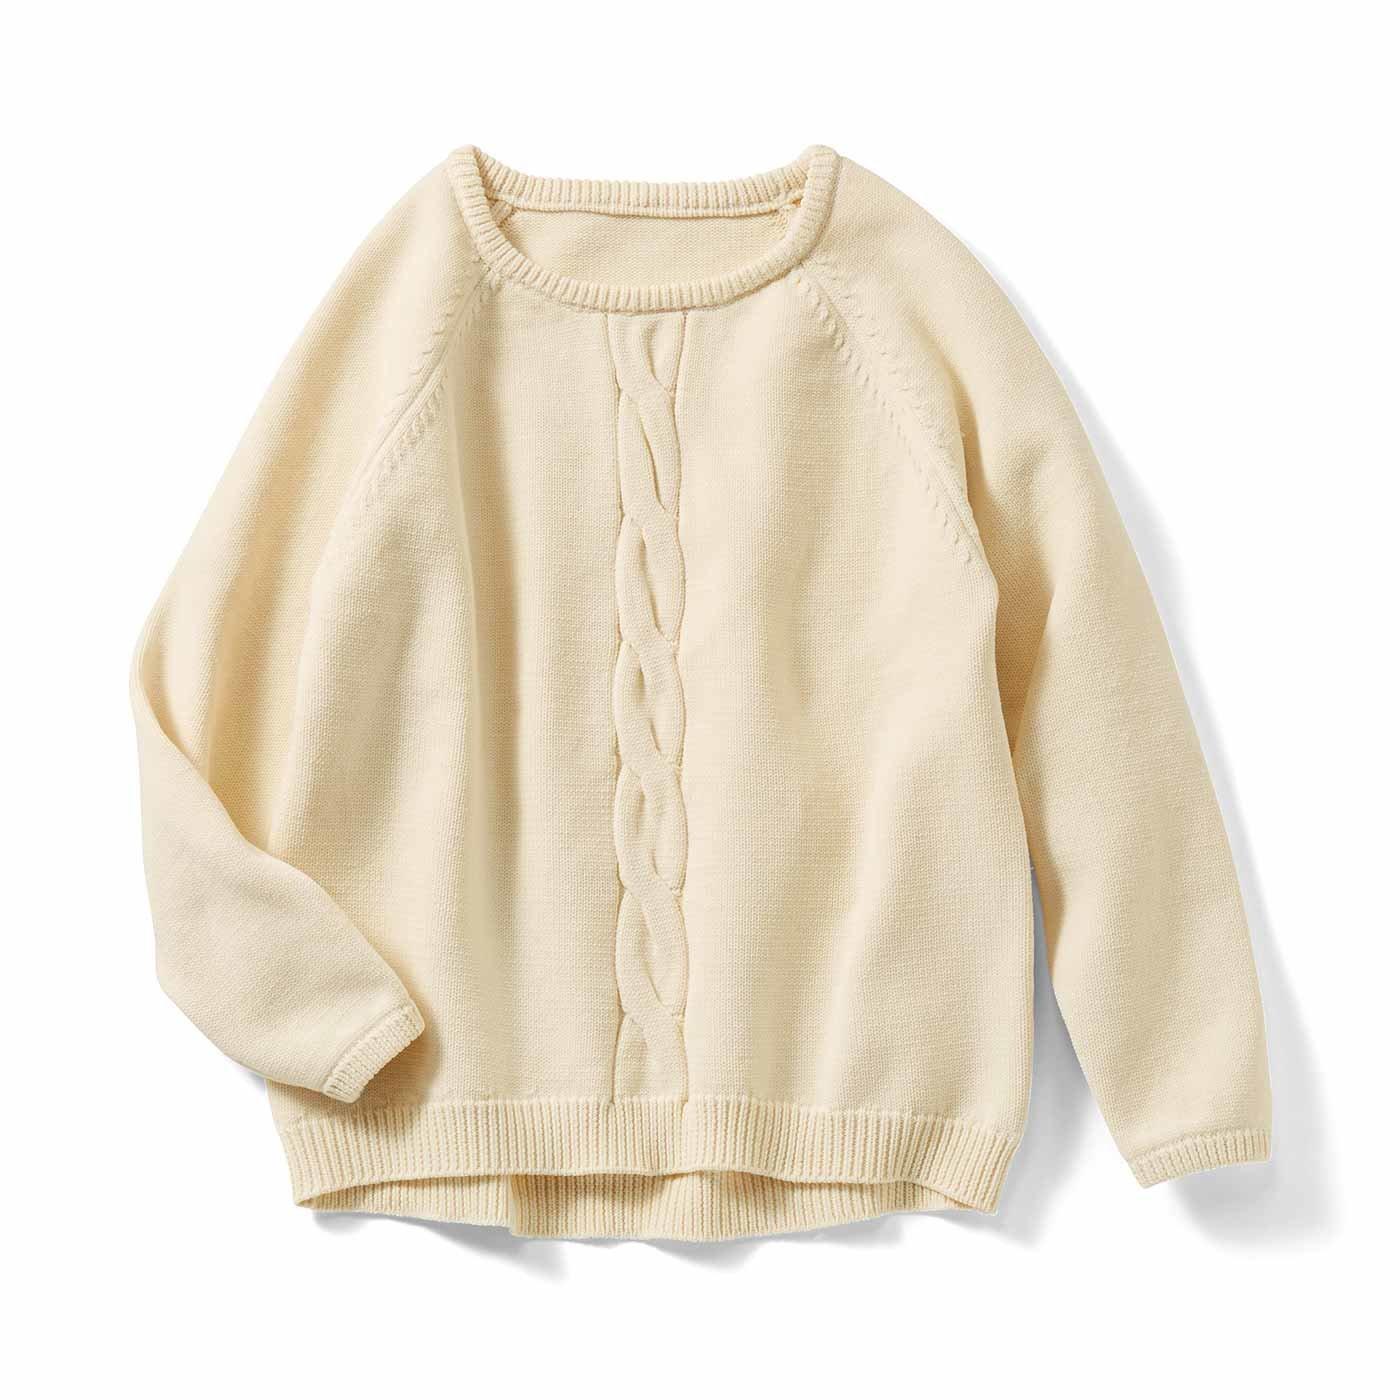 IEDIT[イディット] スウェット感覚で着たい ふわっと軽いケーブル柄ニット〈アイボリー〉